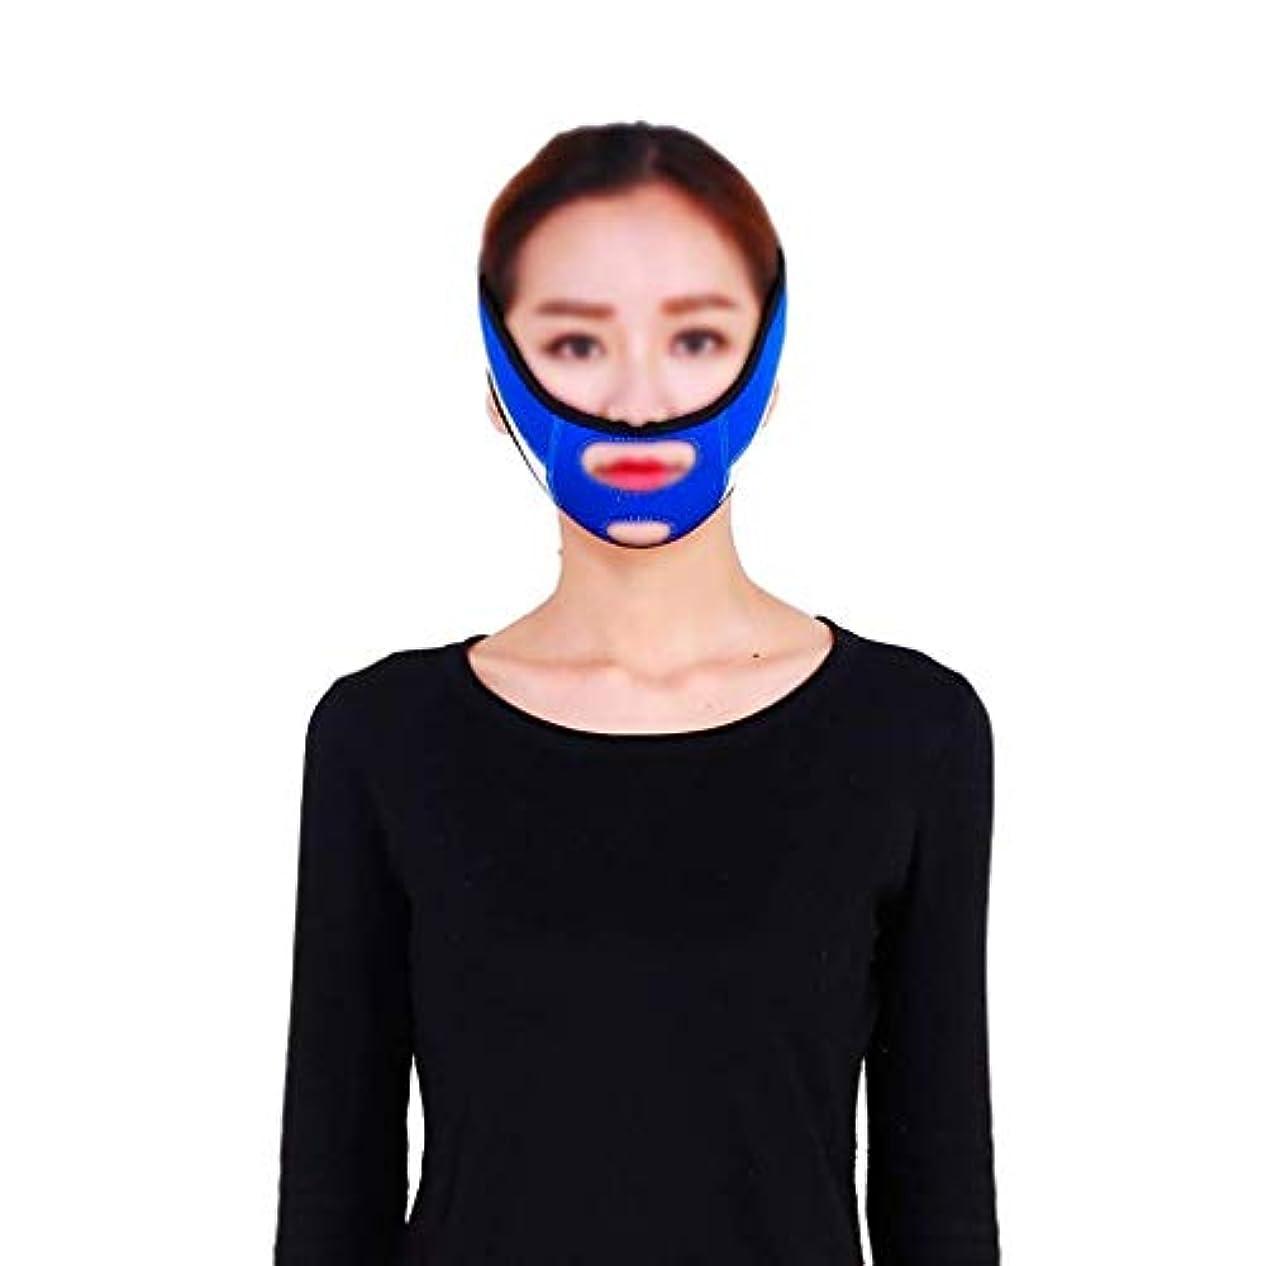 マイルストーン間違えたシンボルファーミングフェイスマスク、スモールVフェイスアーティファクトリフティングマスク、口を調整して垂れ下がった肌を縮小滑り止め弾性ストレッチ包帯